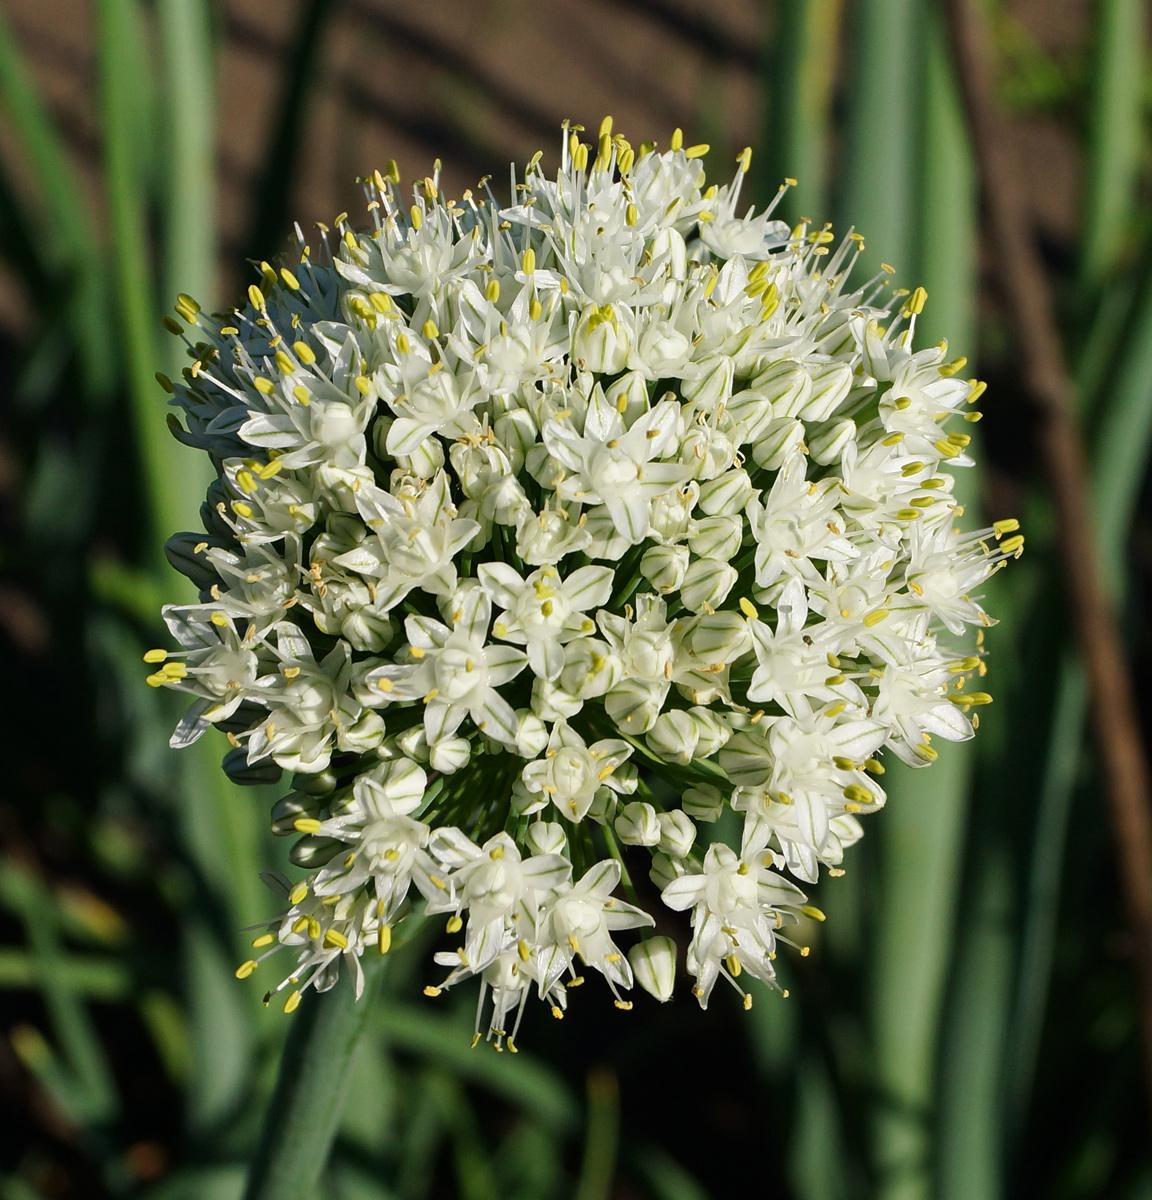 анкудиновский парк соцветие репчатого лука фото приходилось милицию вызывать